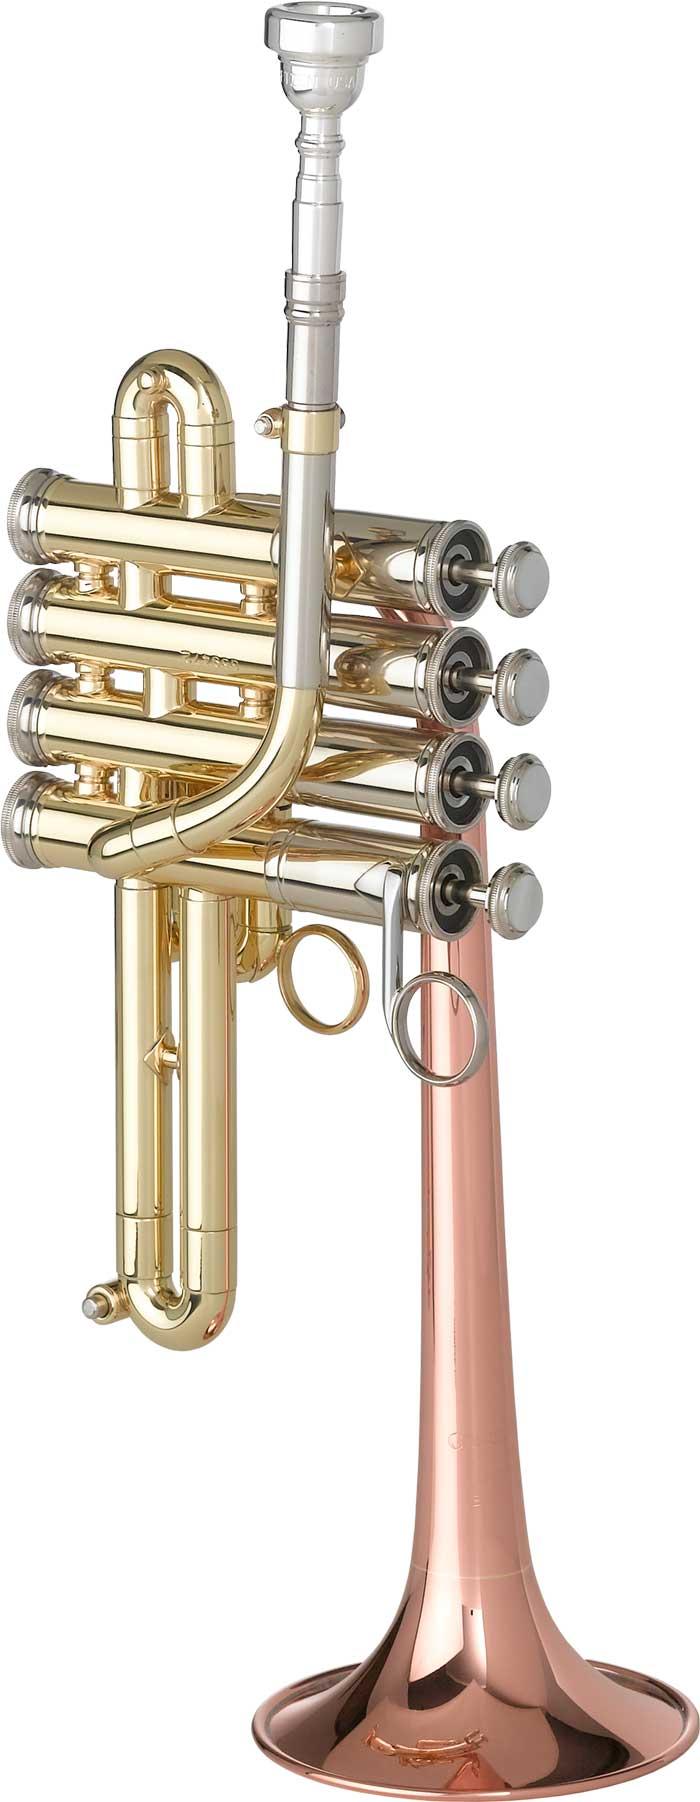 Getzen 3916 Piccolo Trumpet